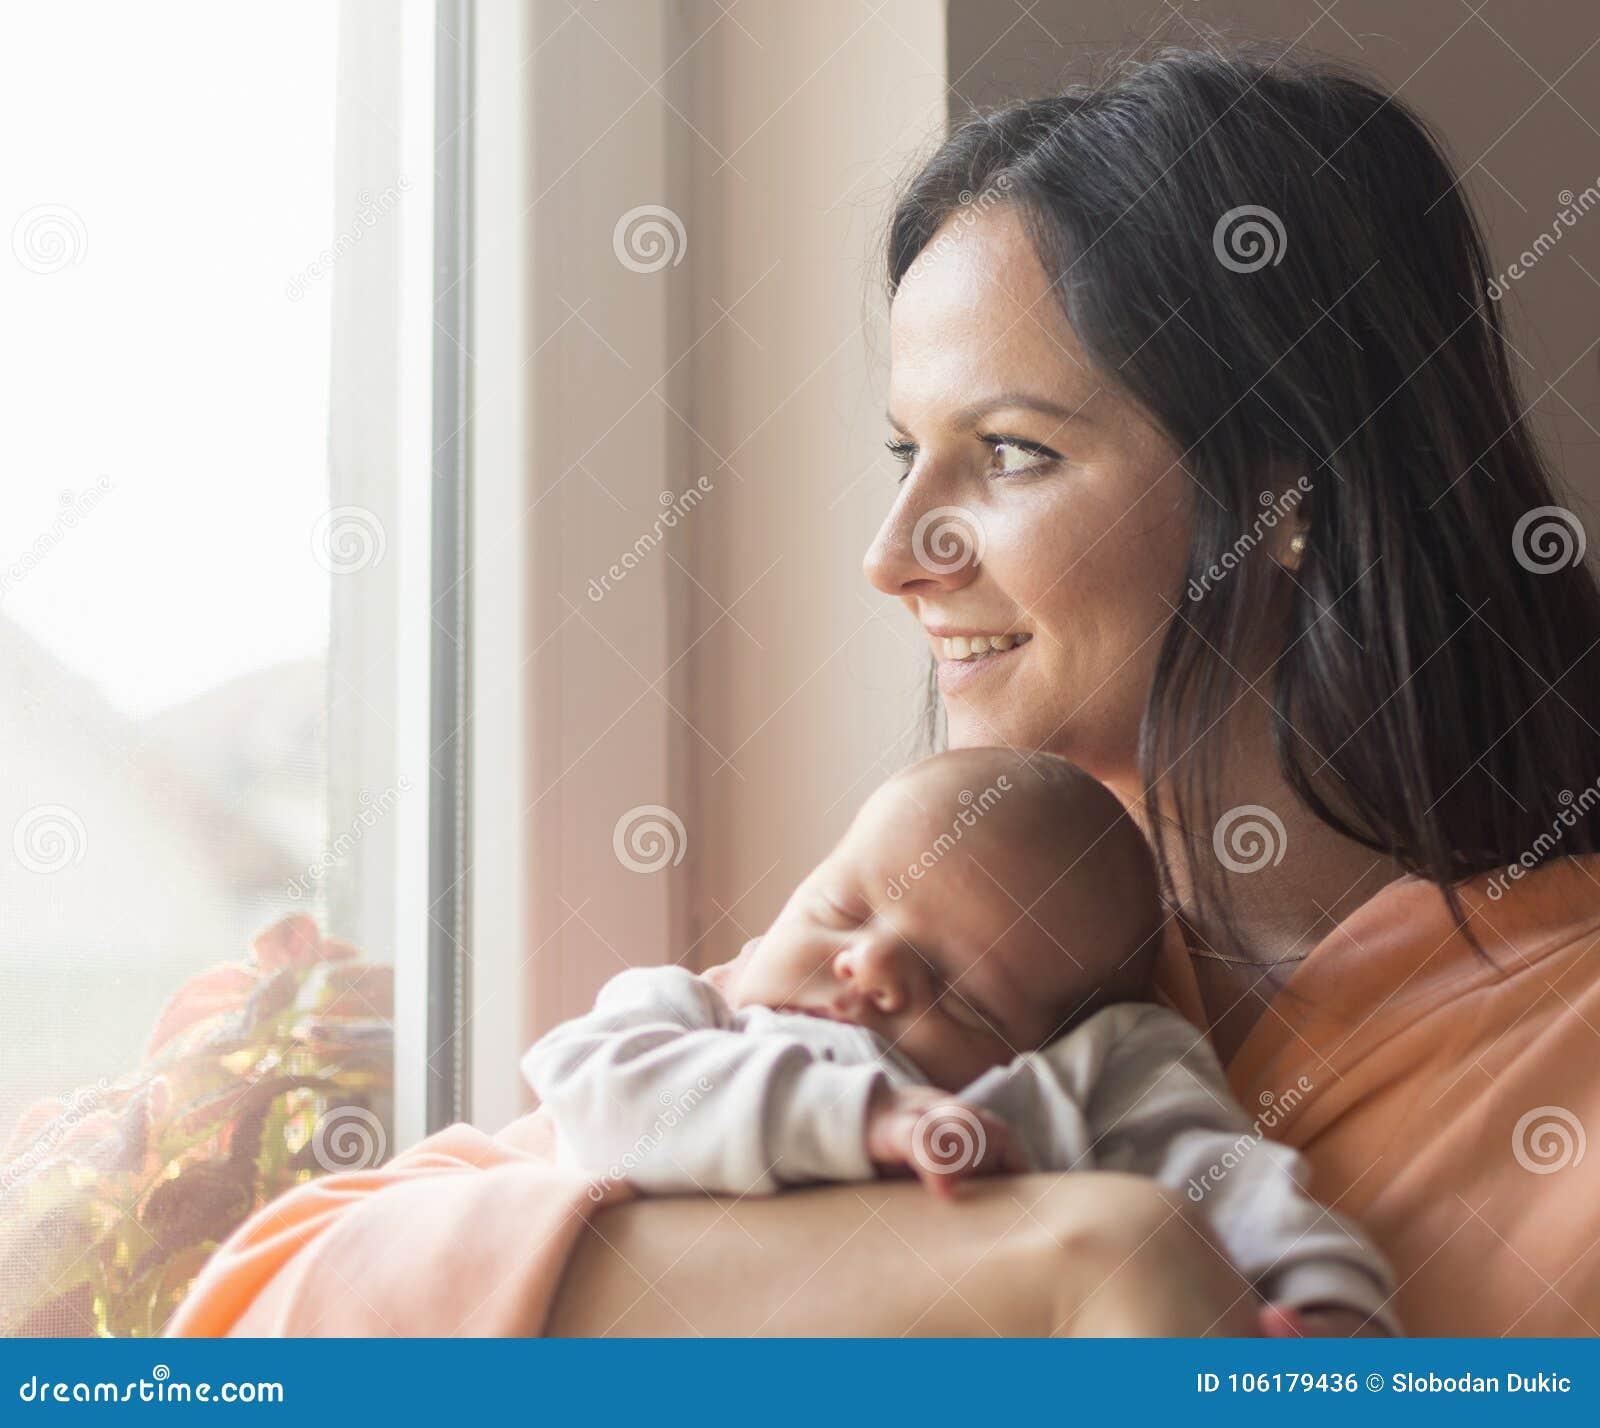 Jolie femme tenant un bébé nouveau-né dans des ses bras